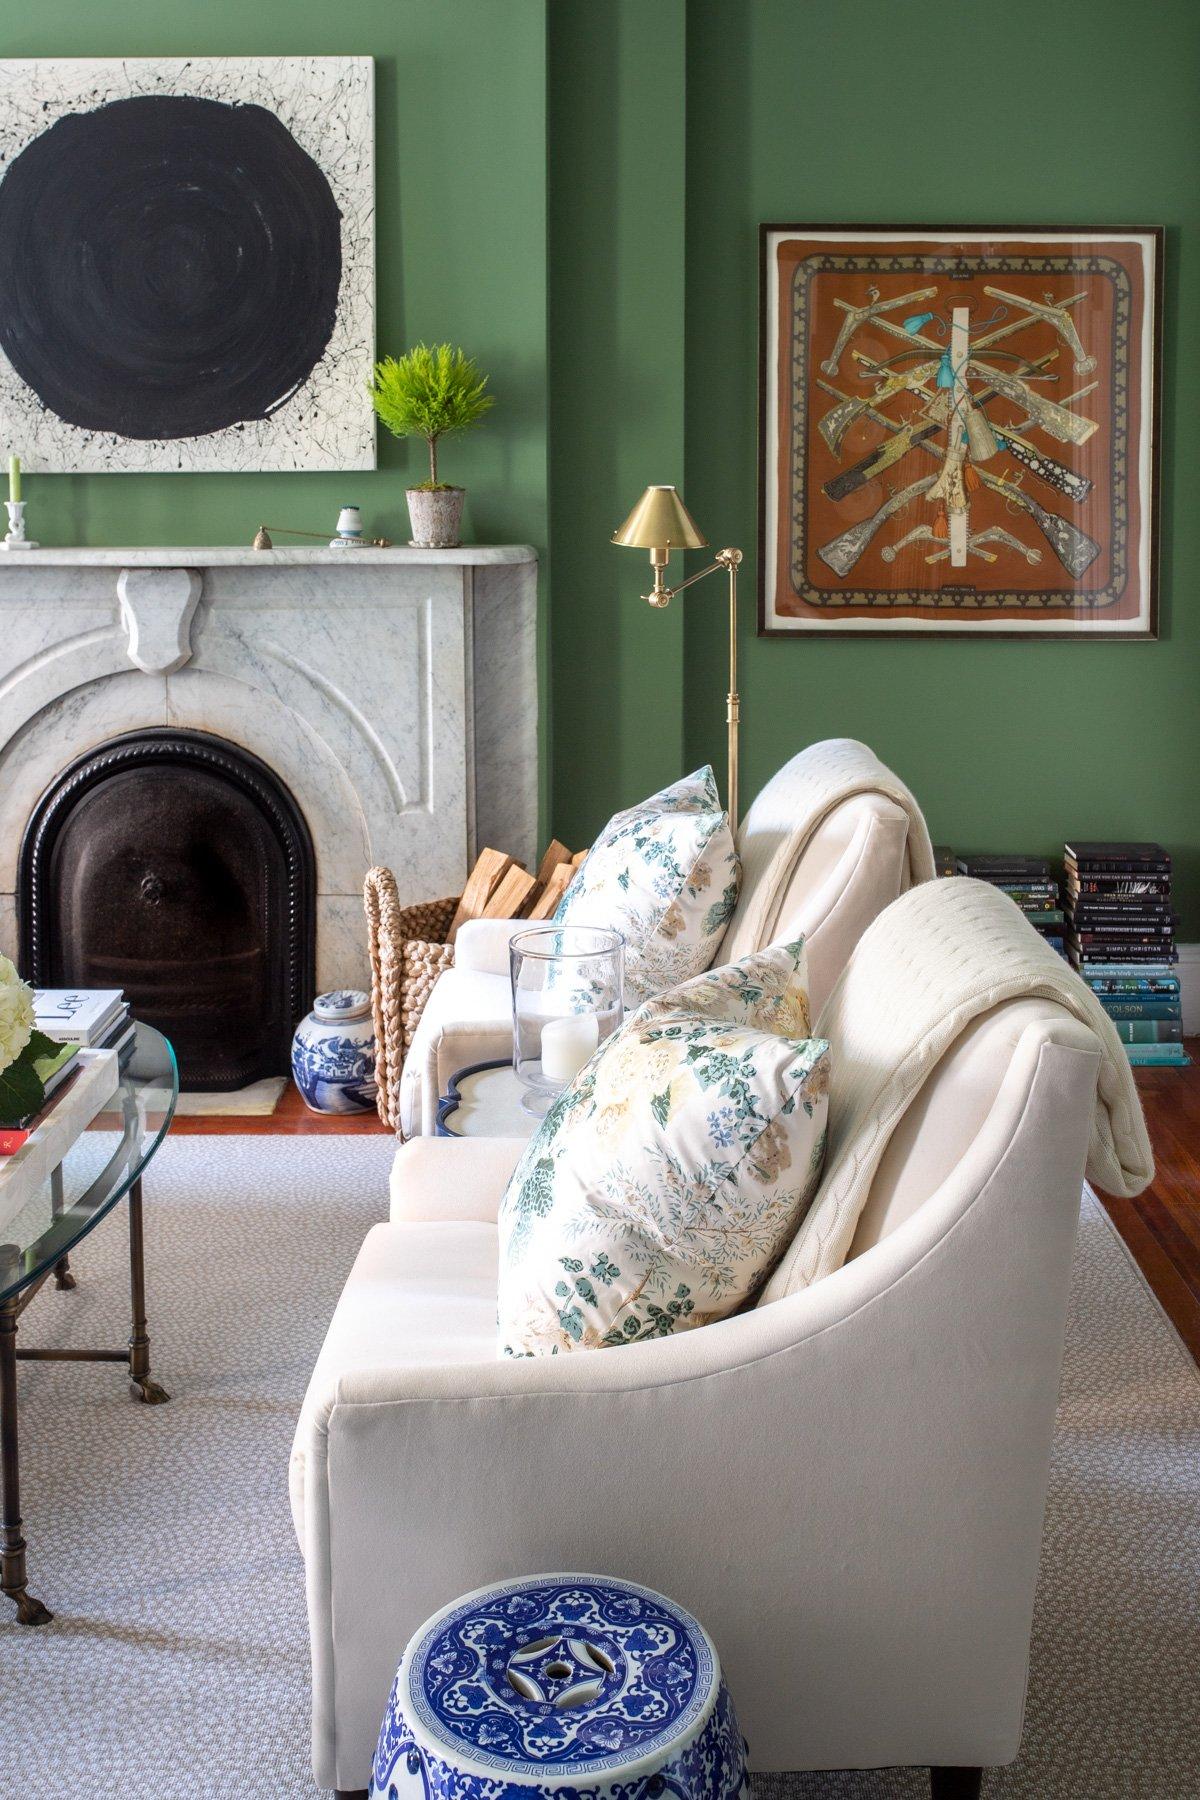 Stacie Flinner x NY Apartment Tour Living Room-11.jpg